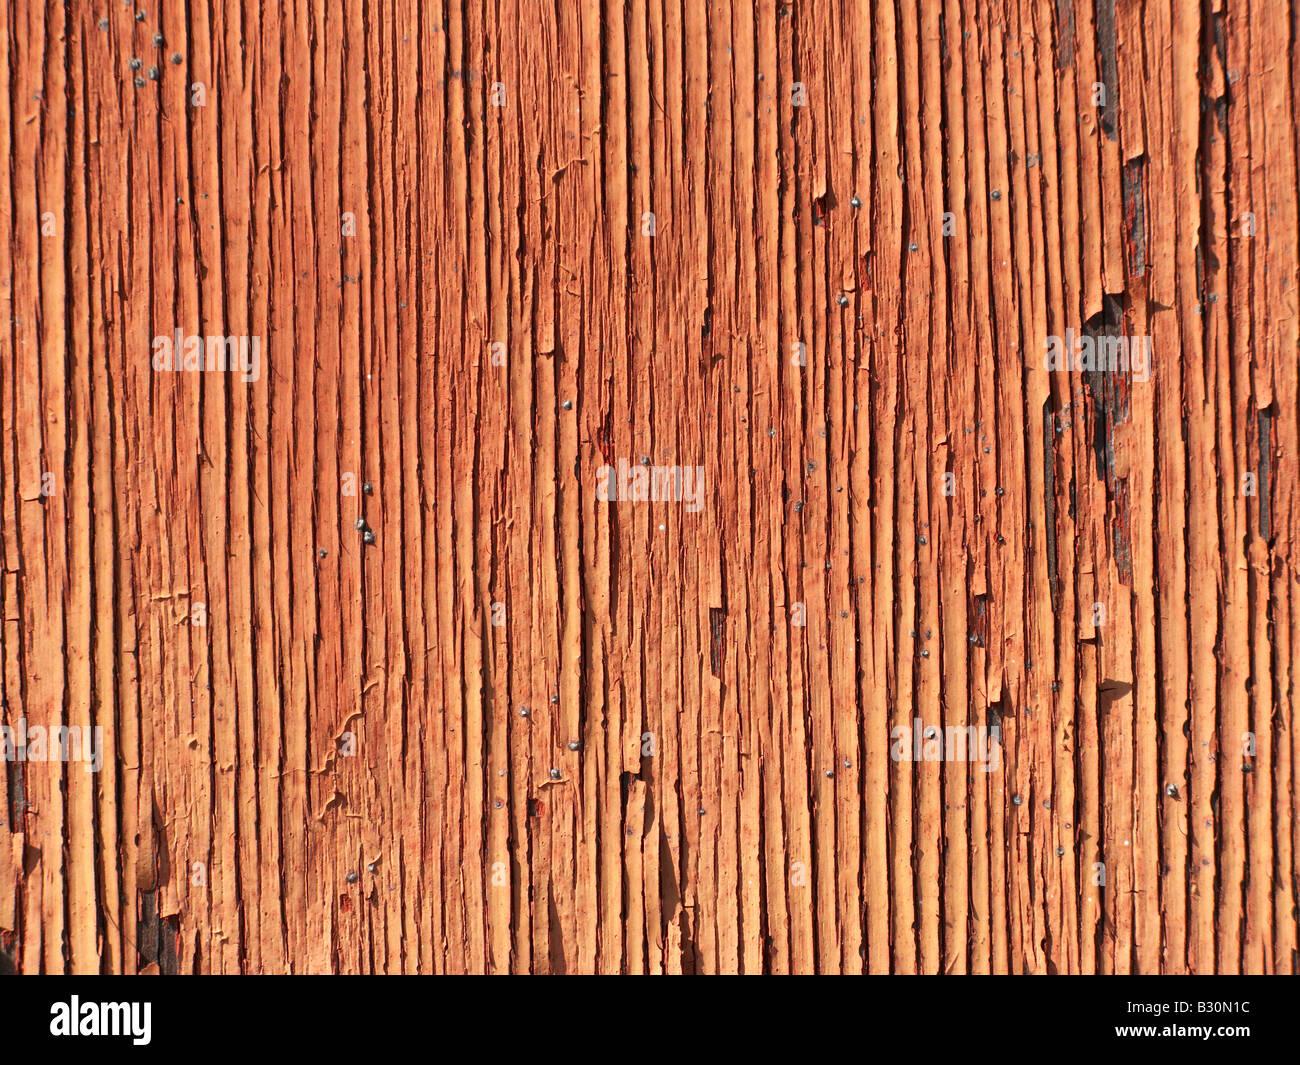 Fundo abstrato perto de textura de superfície Imagens de Stock